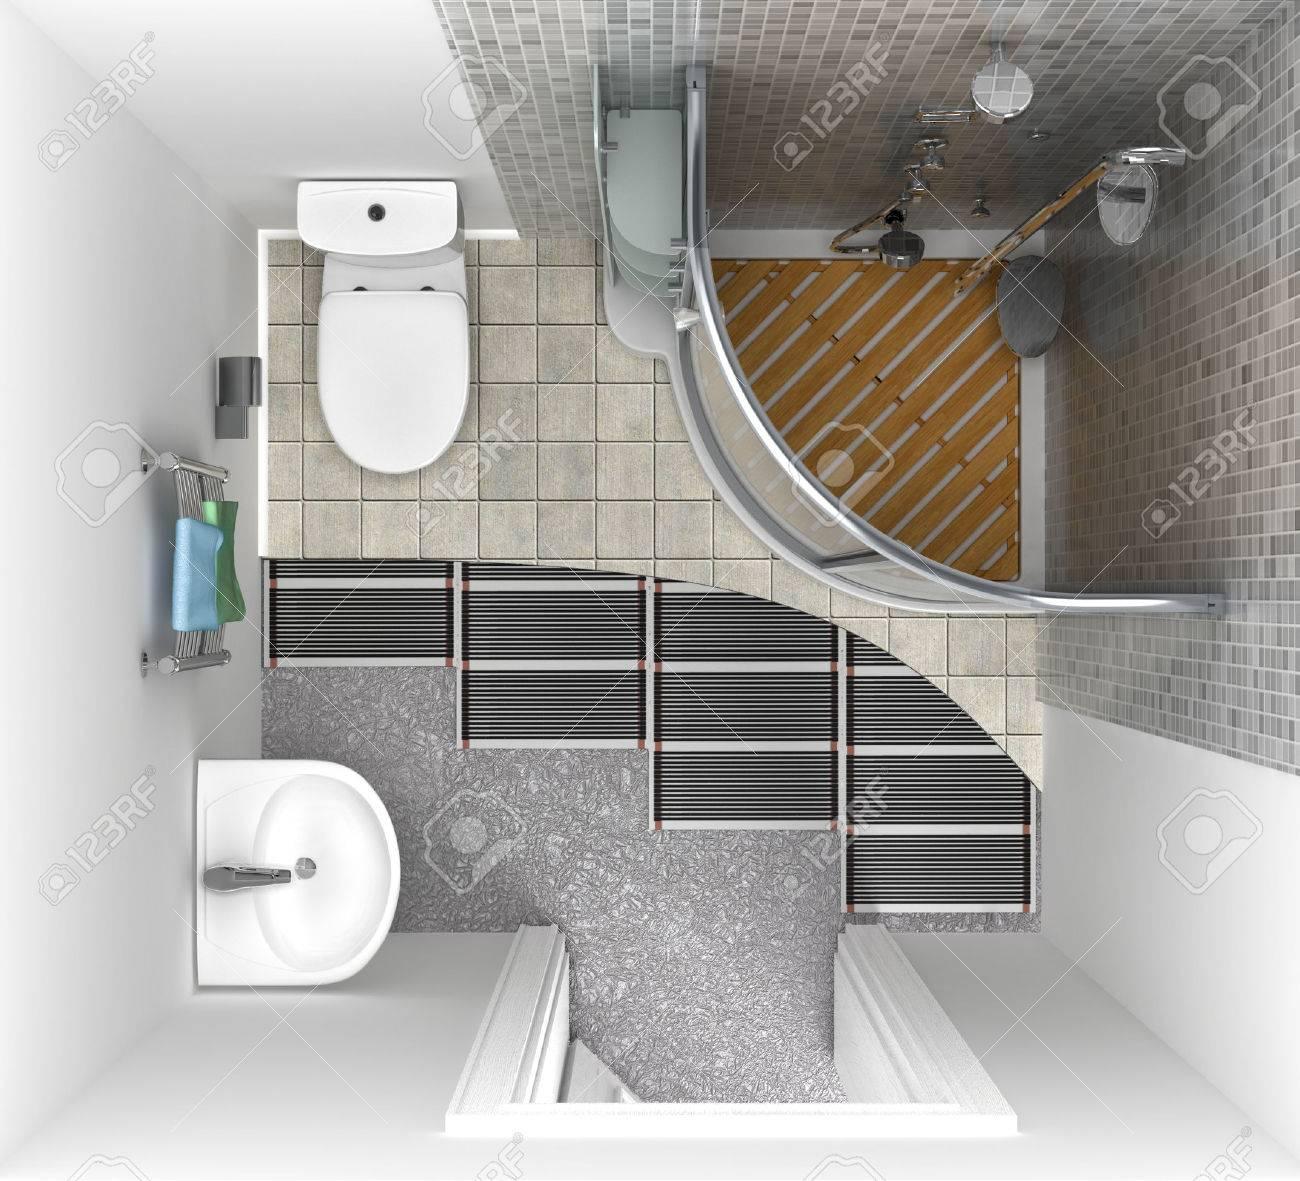 Sistema De Calefacción Por Suelo Radiante En El Baño, Vista Desde ...